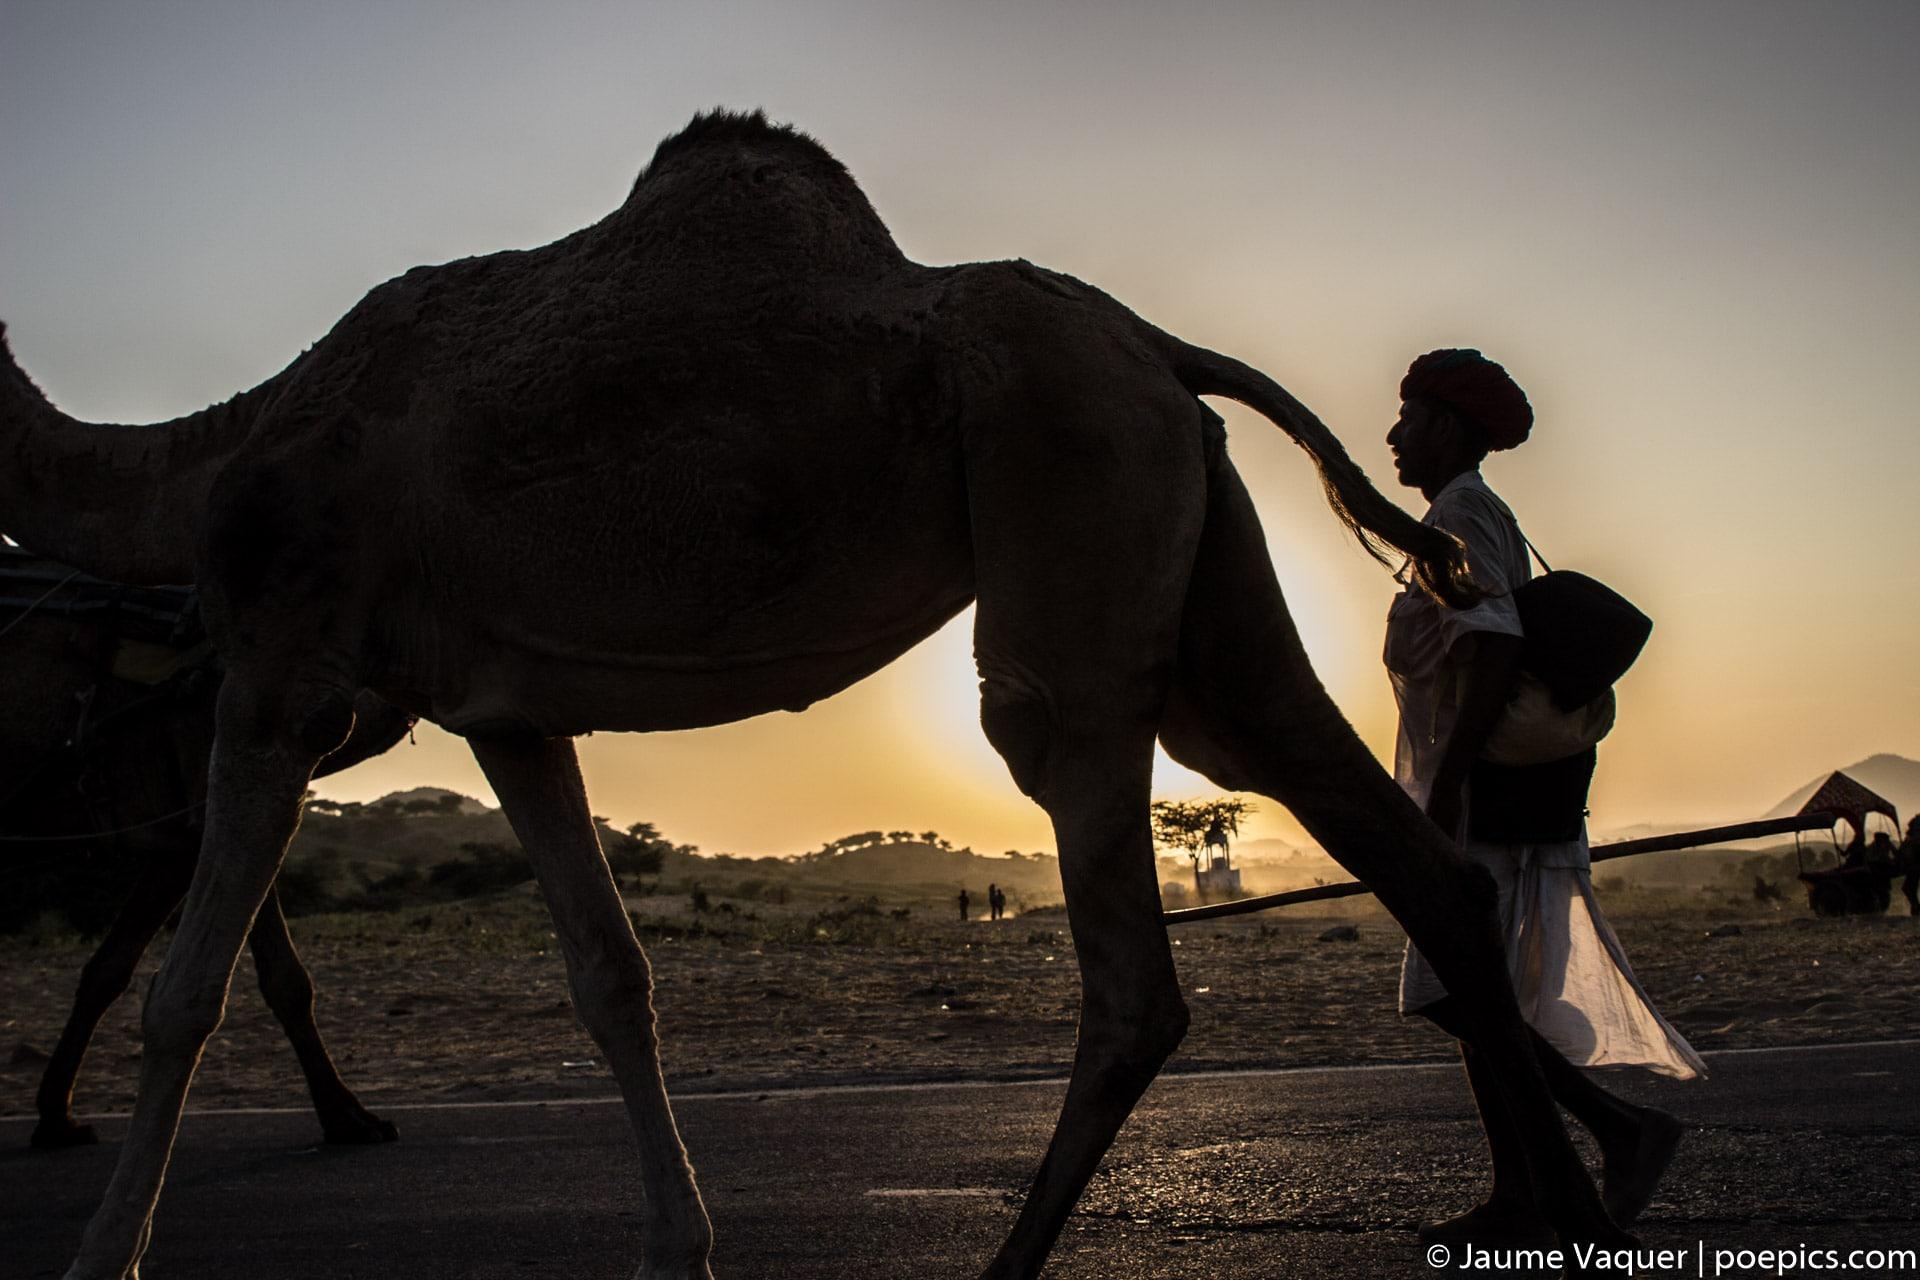 Feria de camellos de Pushkar, Rajasthan, India